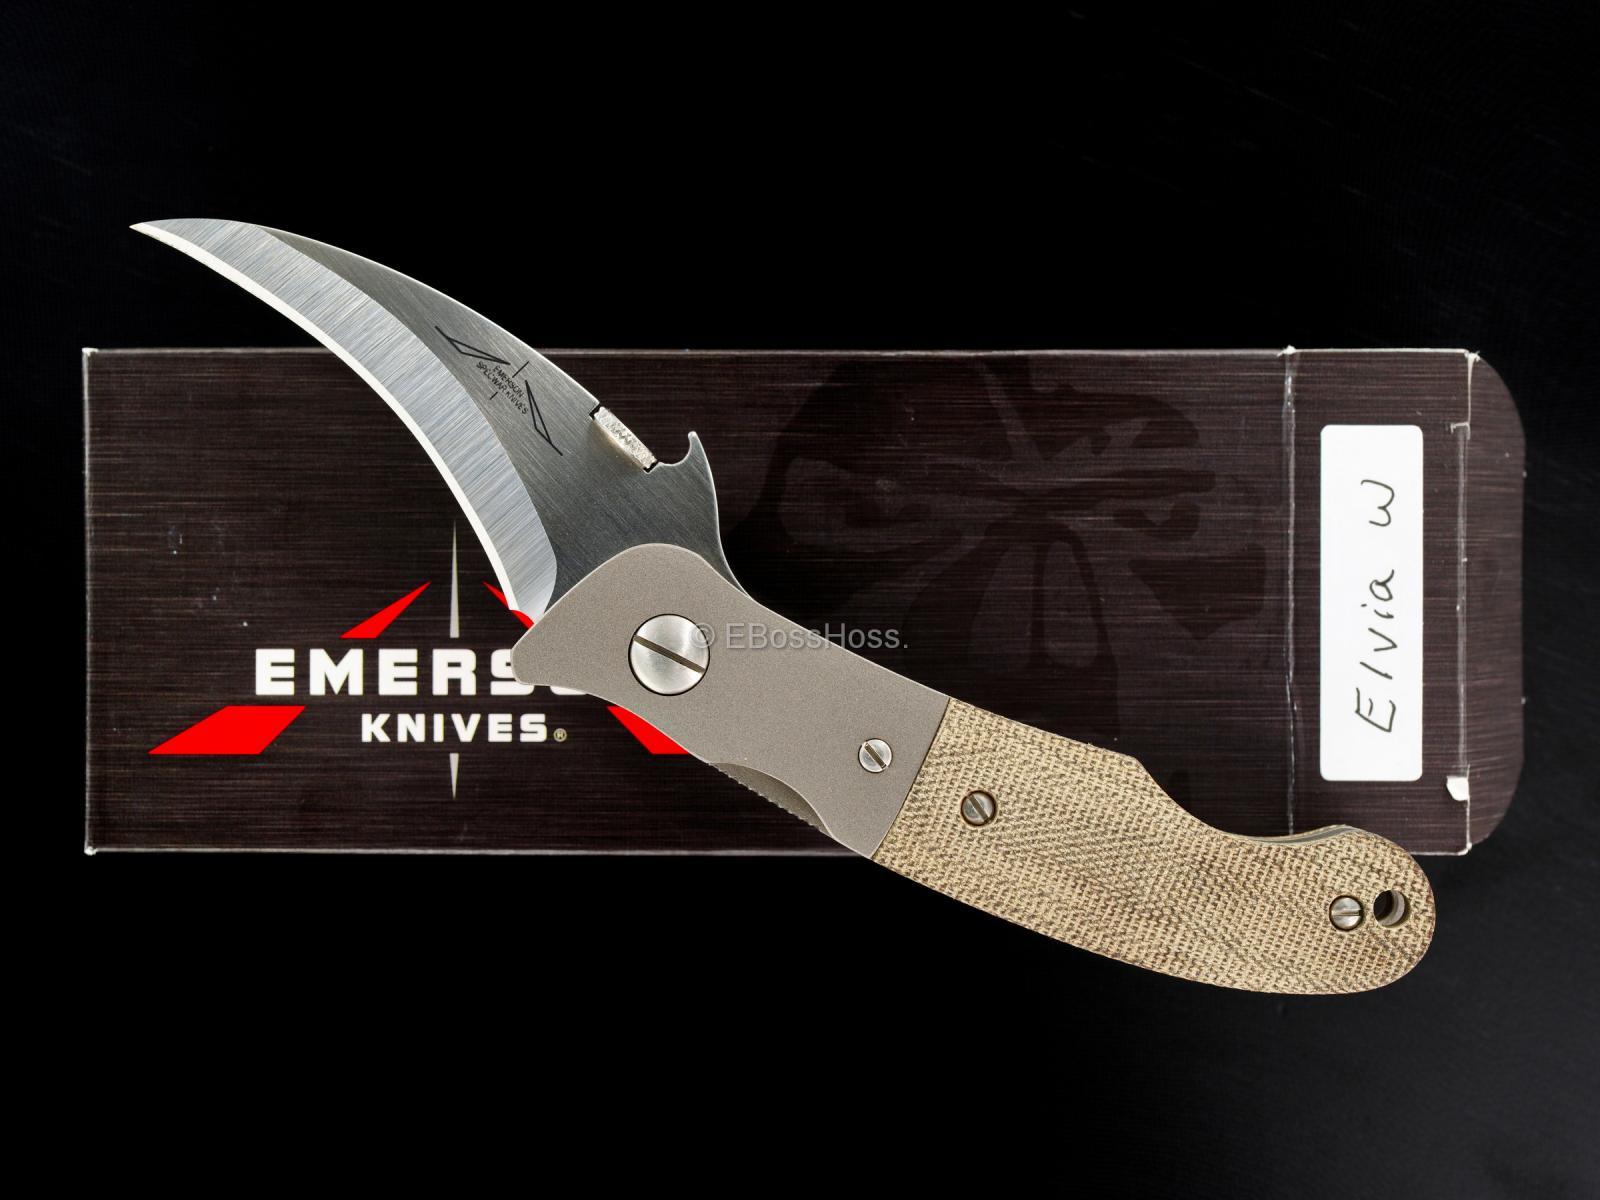 Ernie Emerson Custom Bolstered Waved Elvia